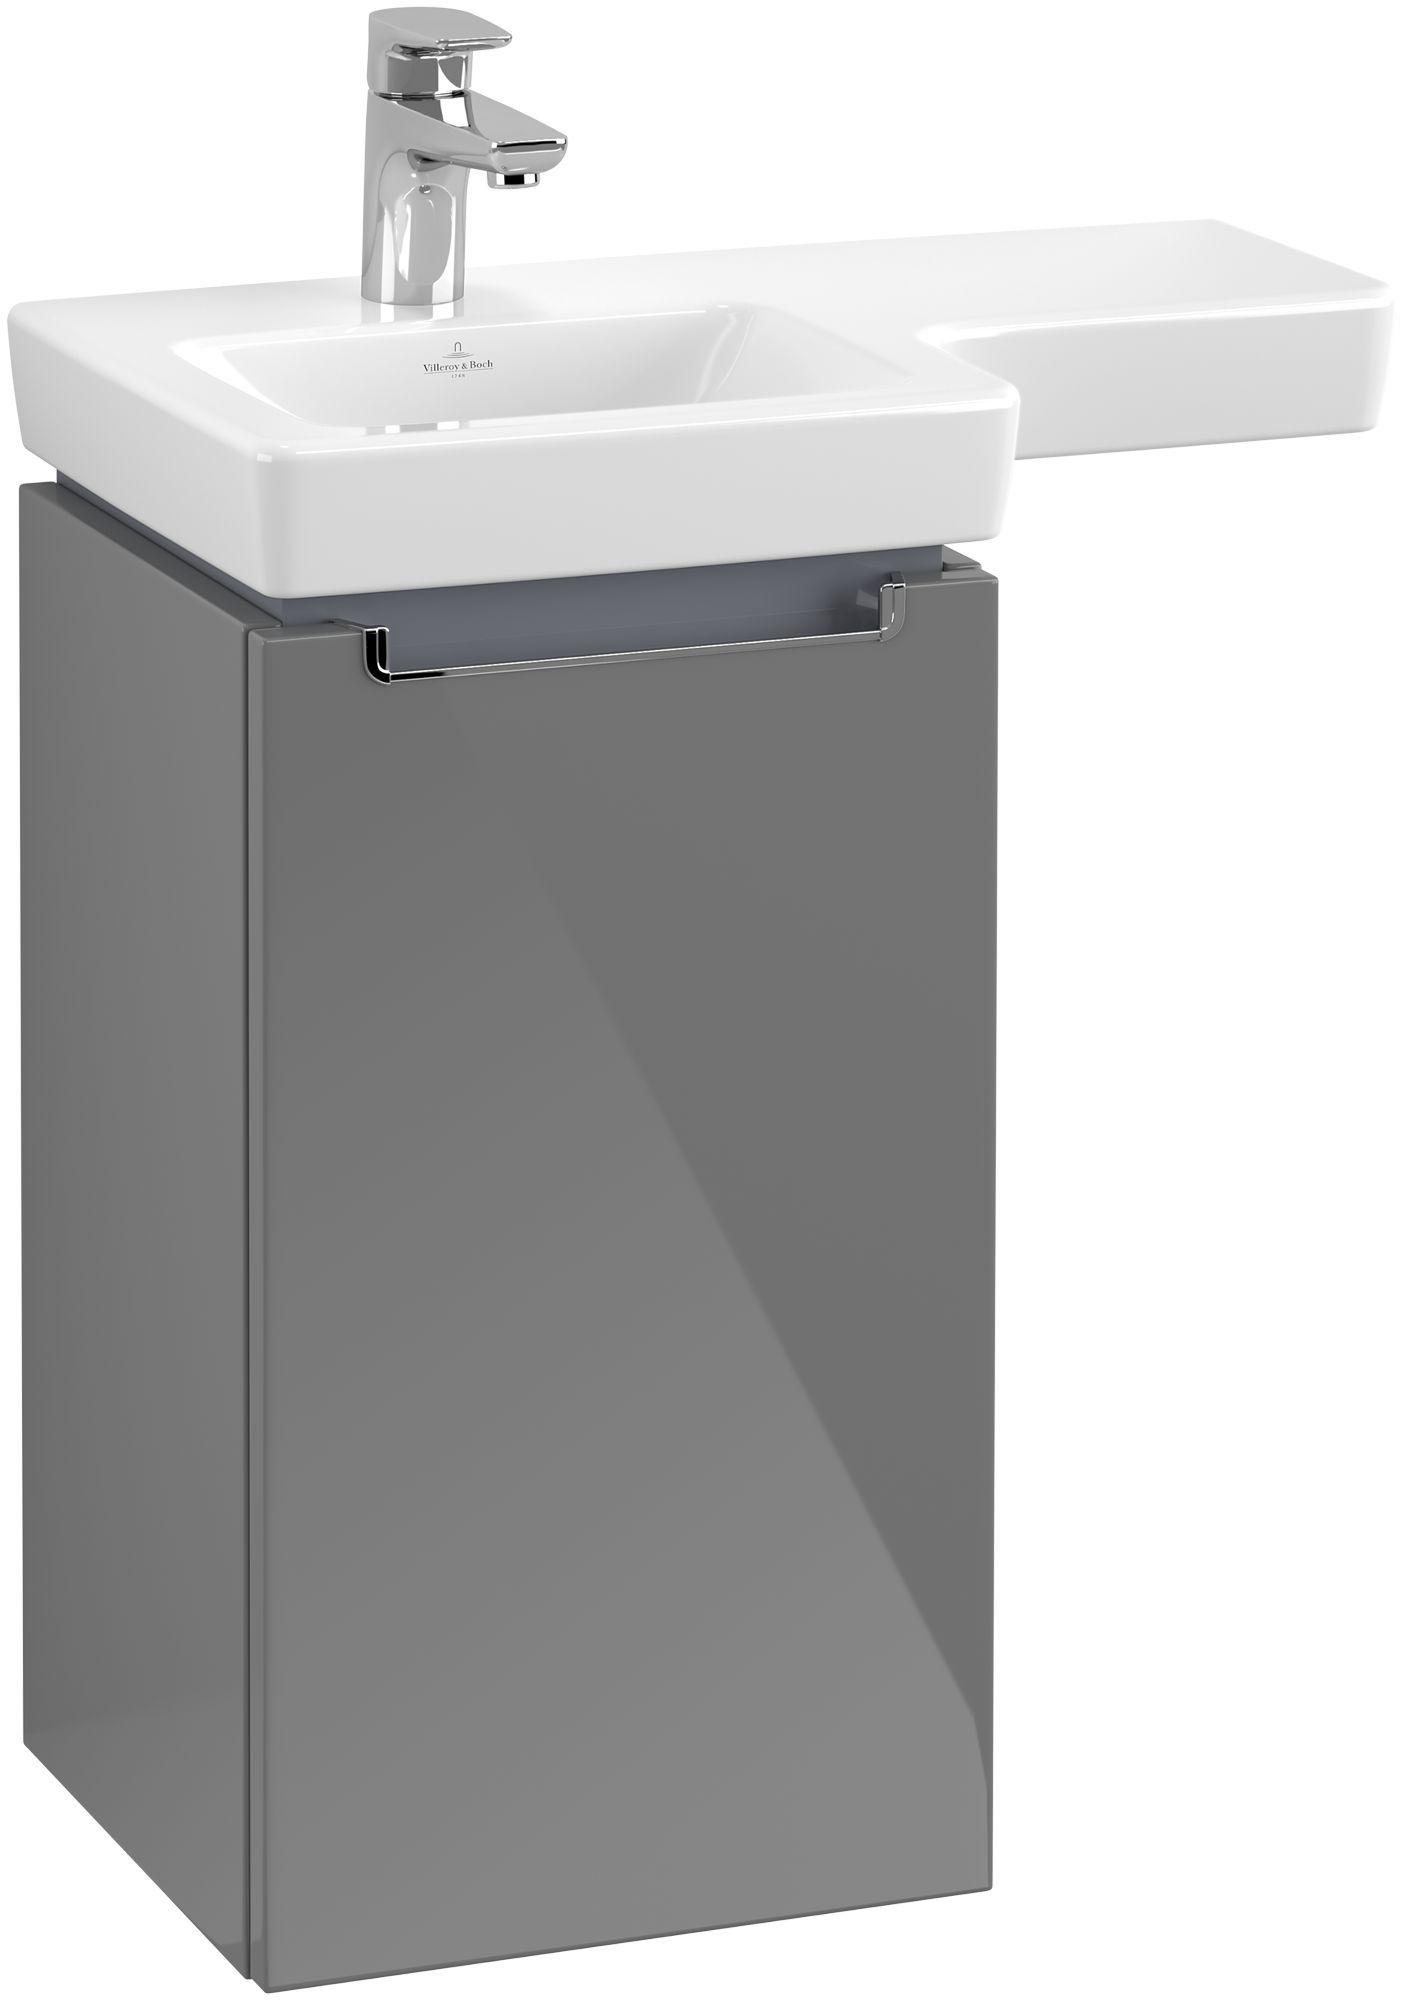 Villeroy & Boch Subway 2.0 Waschtischunterschrank 1 Tür Anschlag links B:350xT:335xH:620mm glossy grey Griffe chrom A81610FP